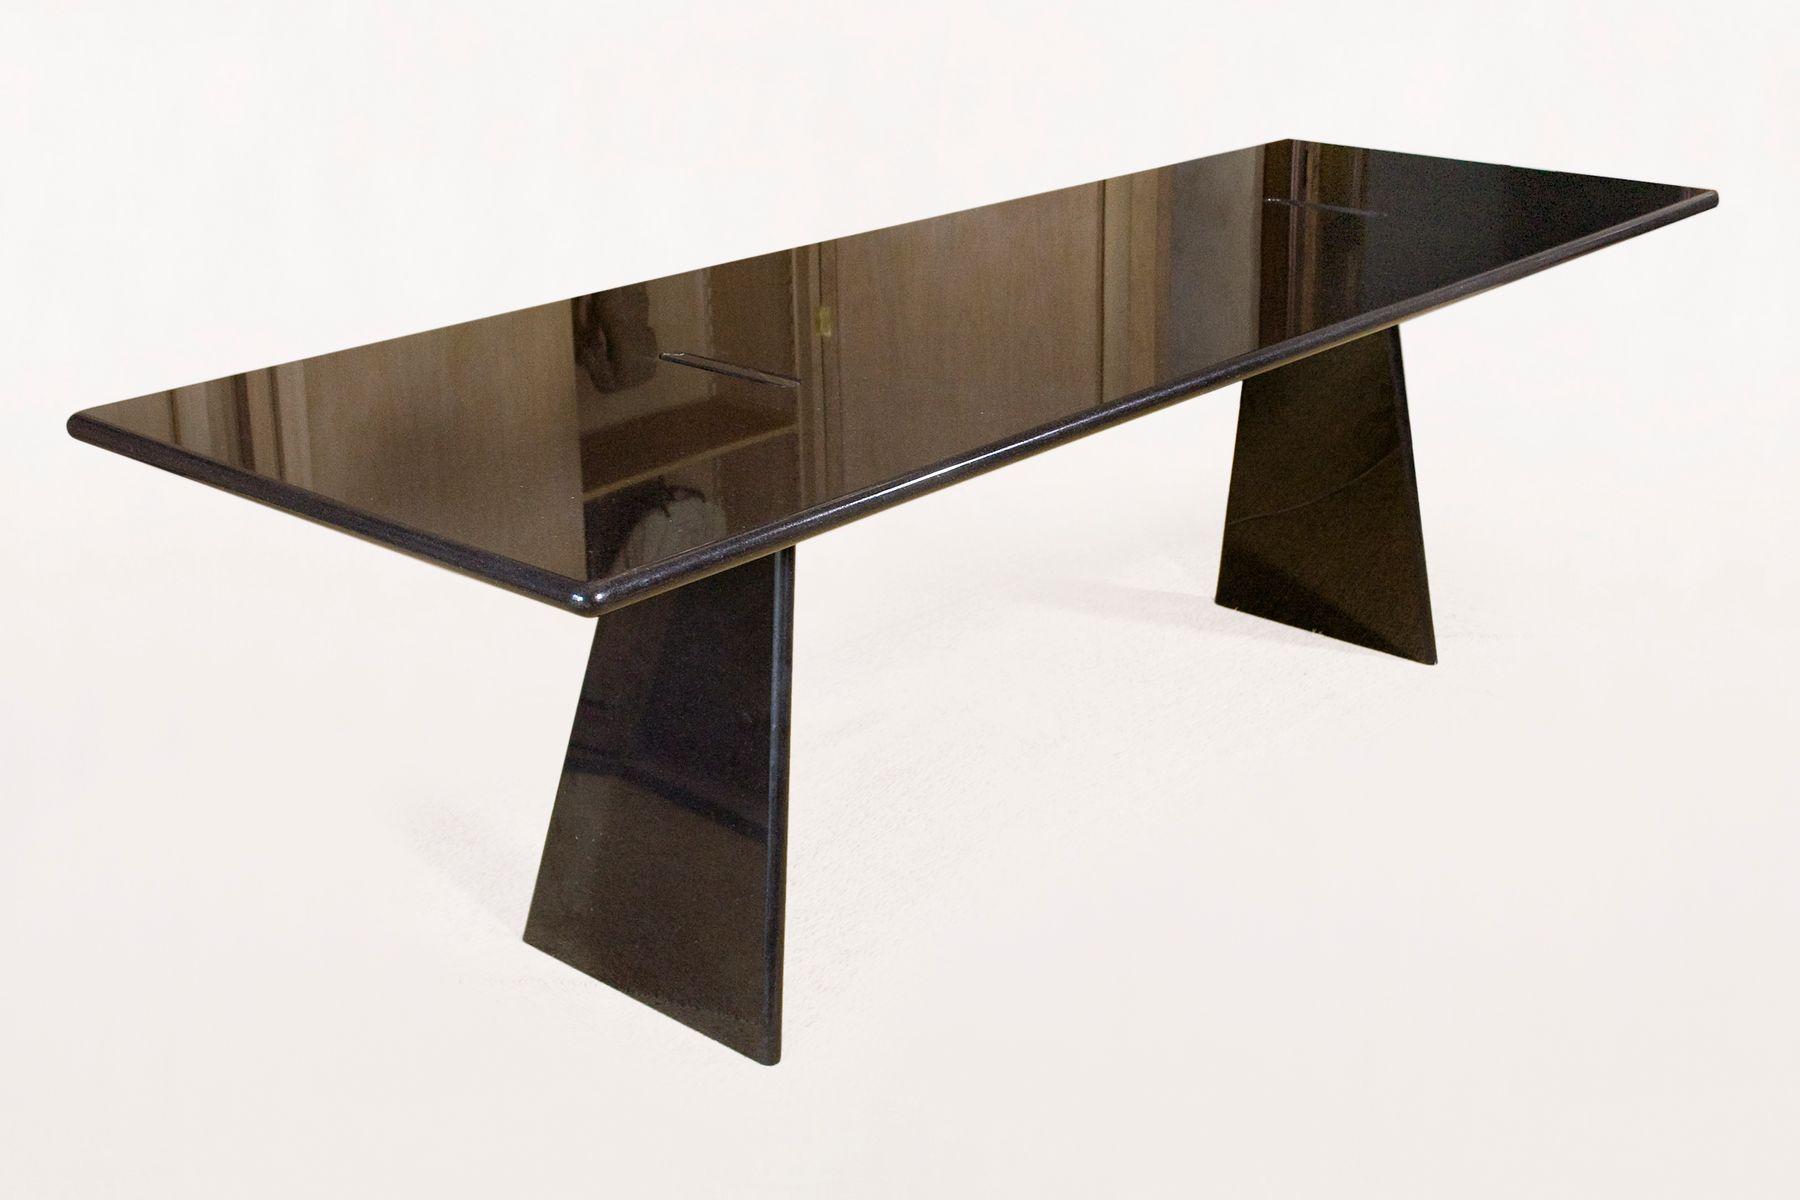 Asolo tisch aus poliertem granit von angelo mangiarotti for Tisch aus granit